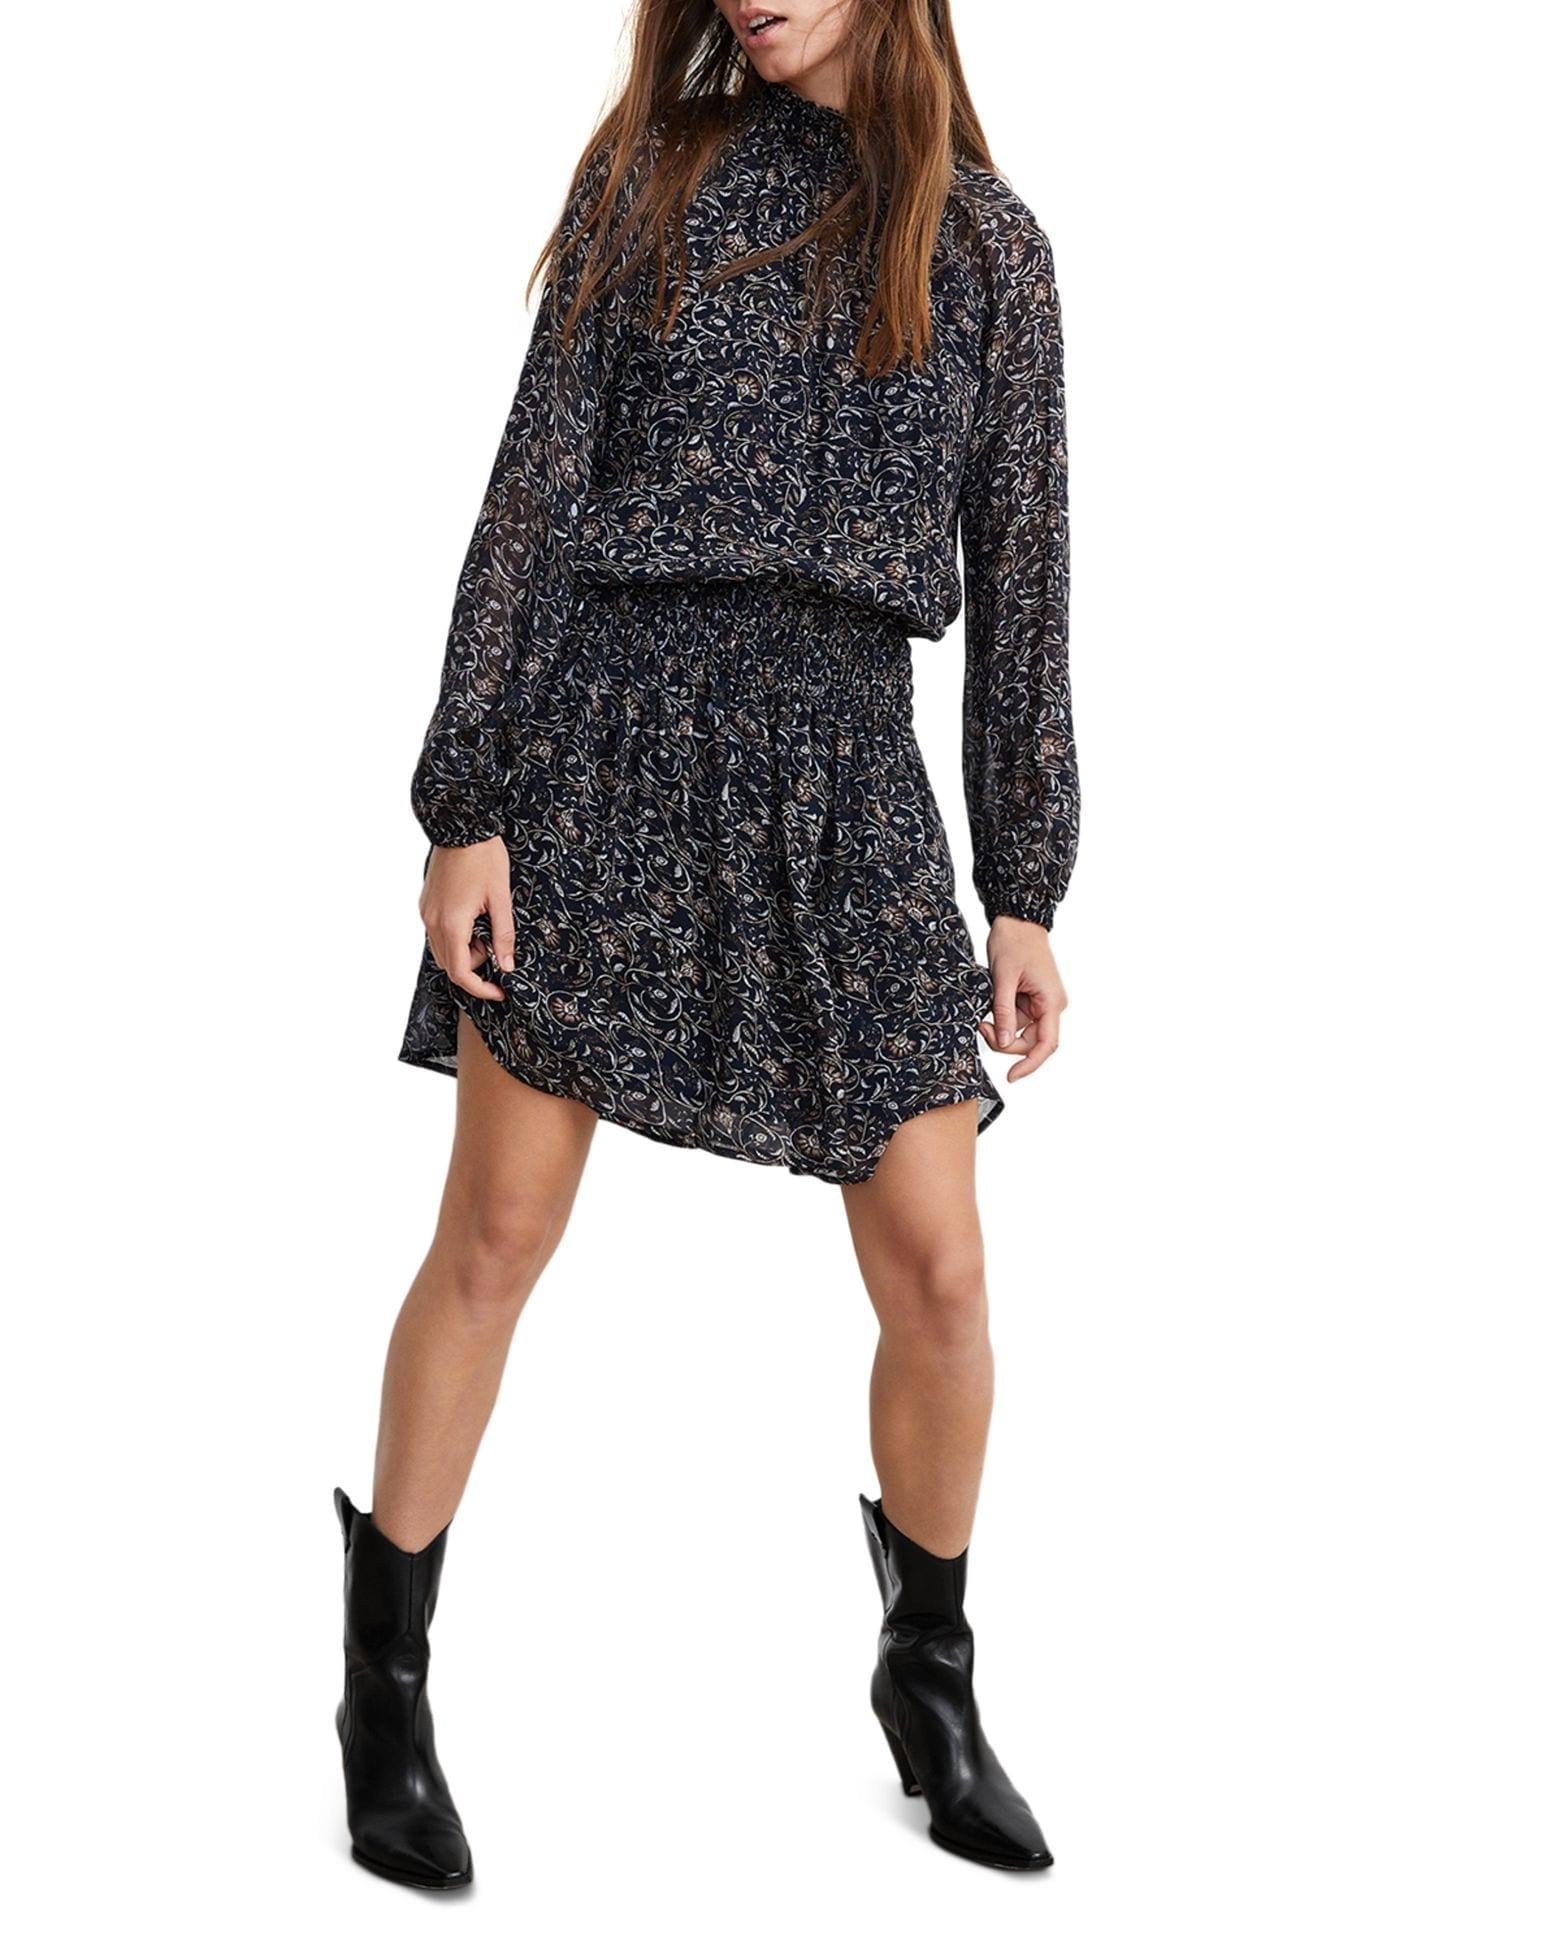 VELVET BY GRAHAM & SPENCER Kristen Printed Mini Dress